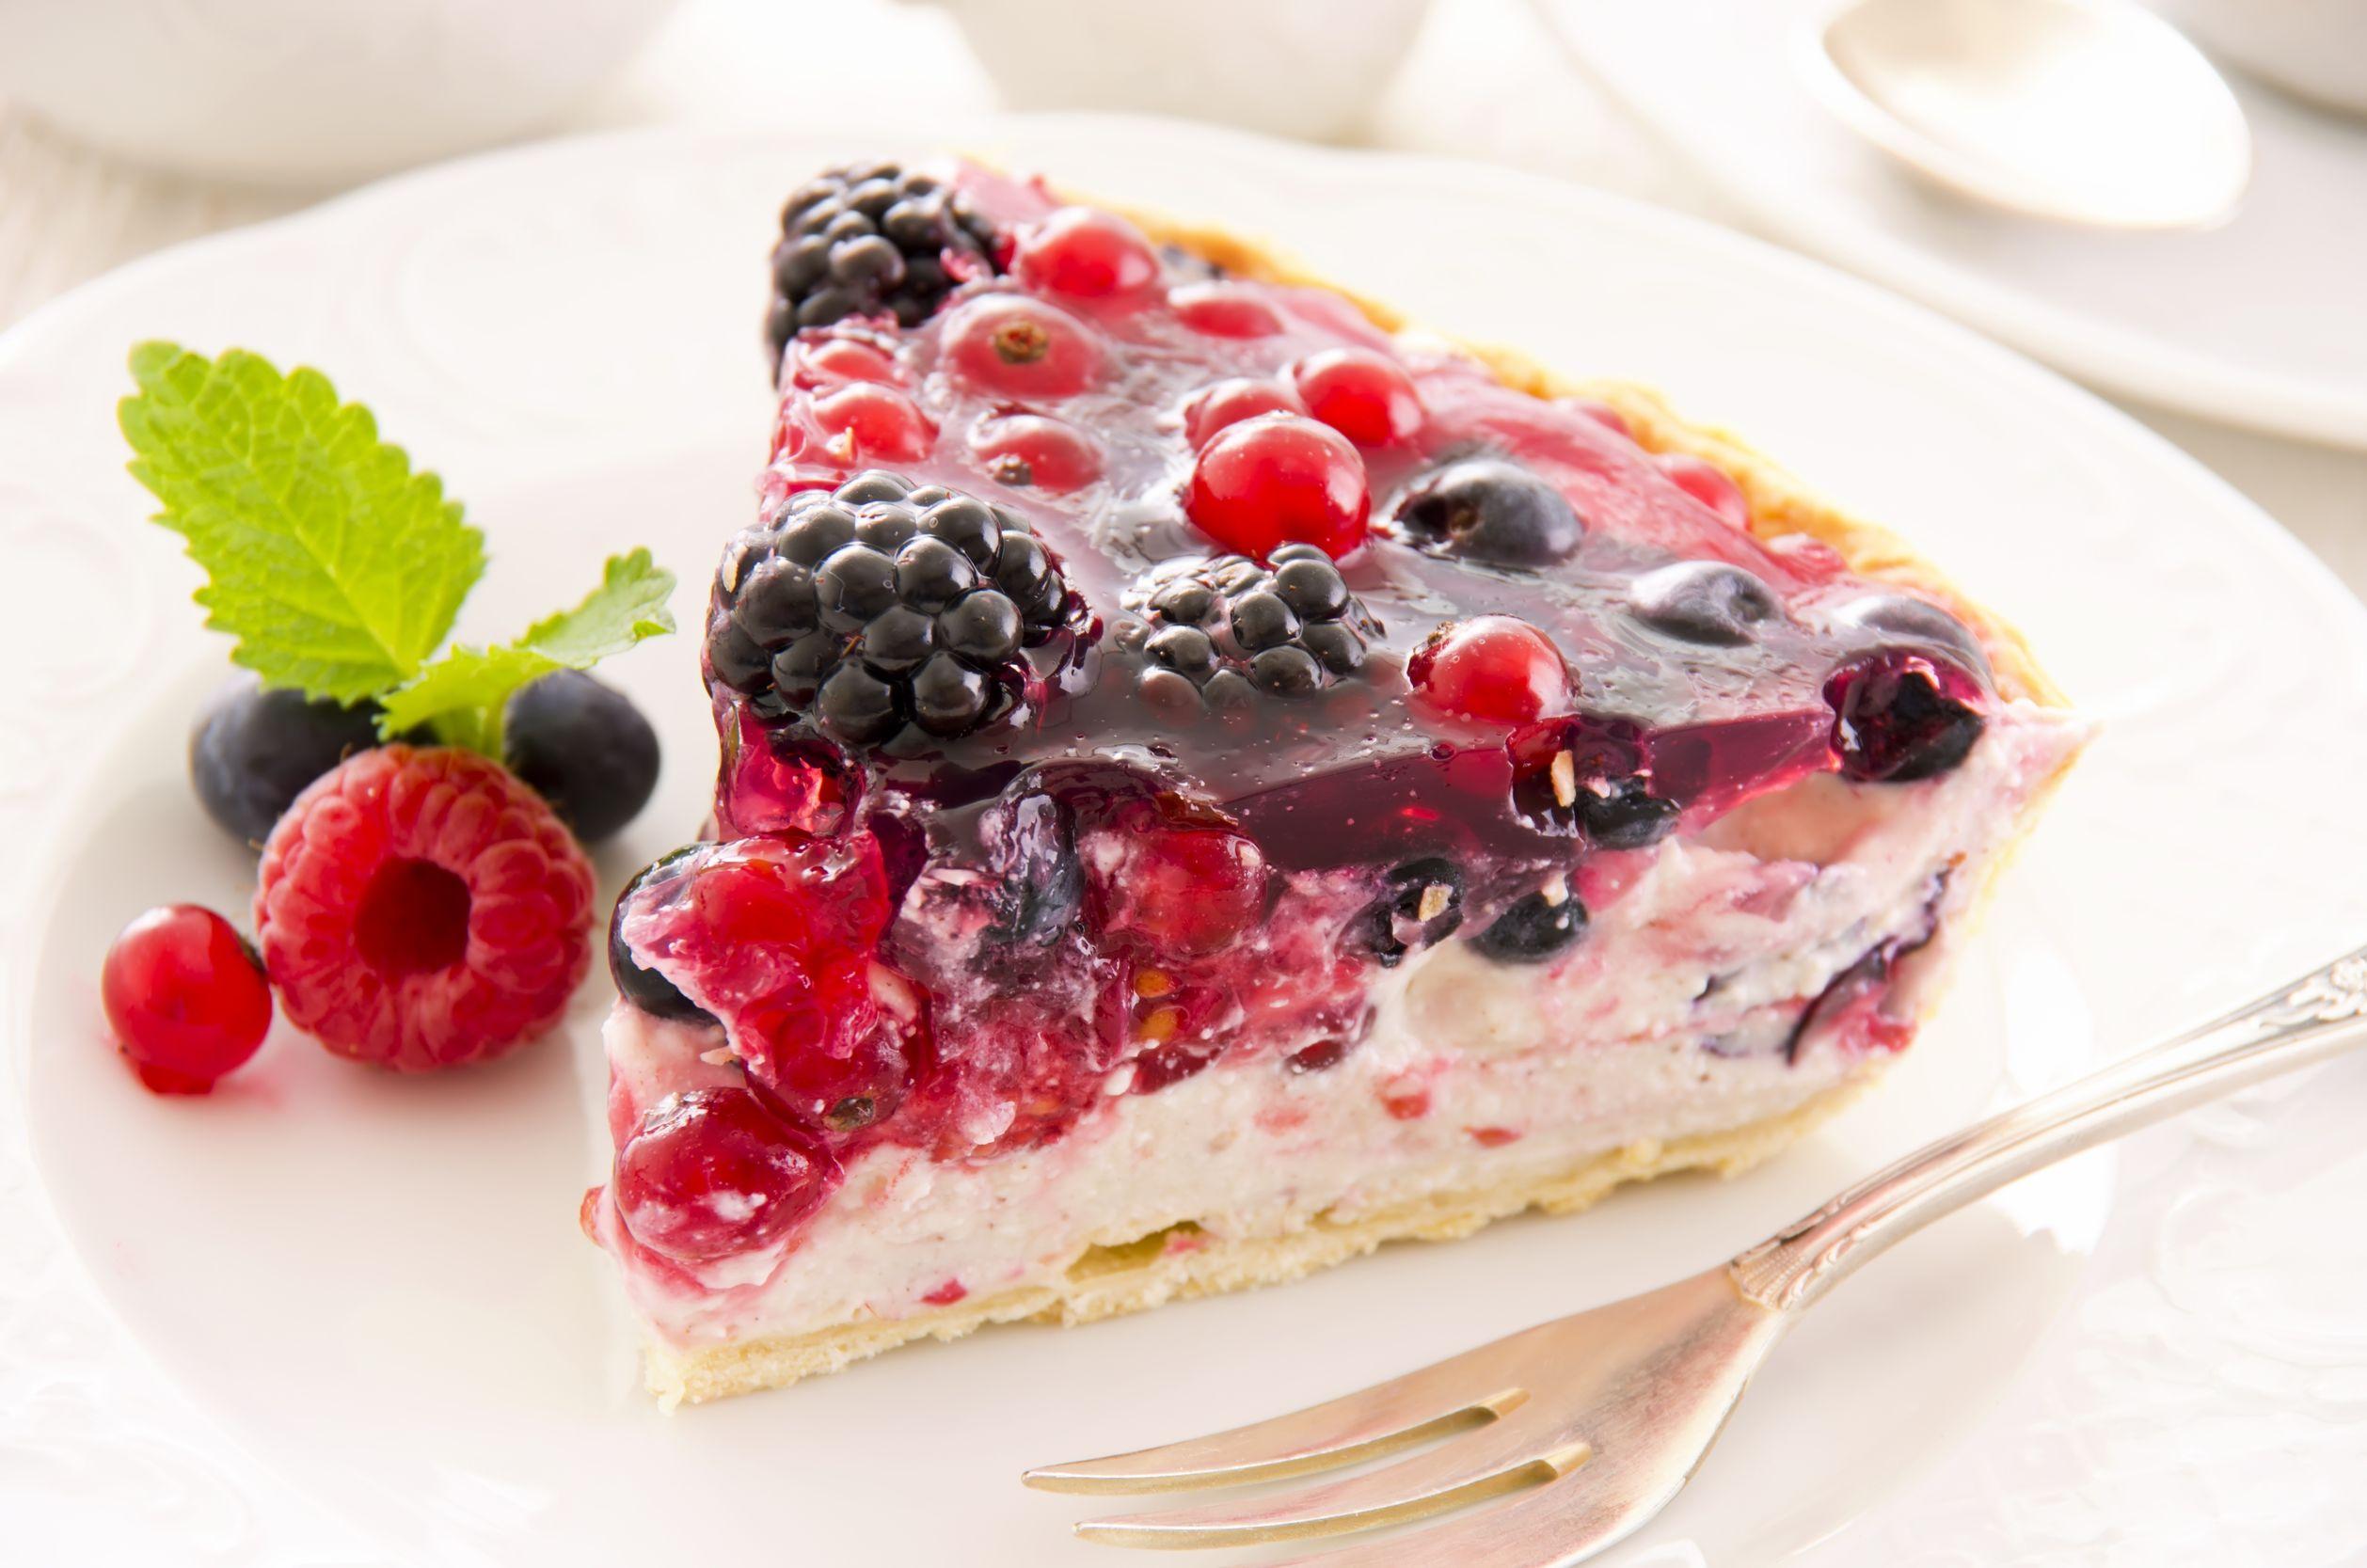 ... Of The Forest Dessert: Ricotta And Honey Fruit Tart - 12 Tomatoes